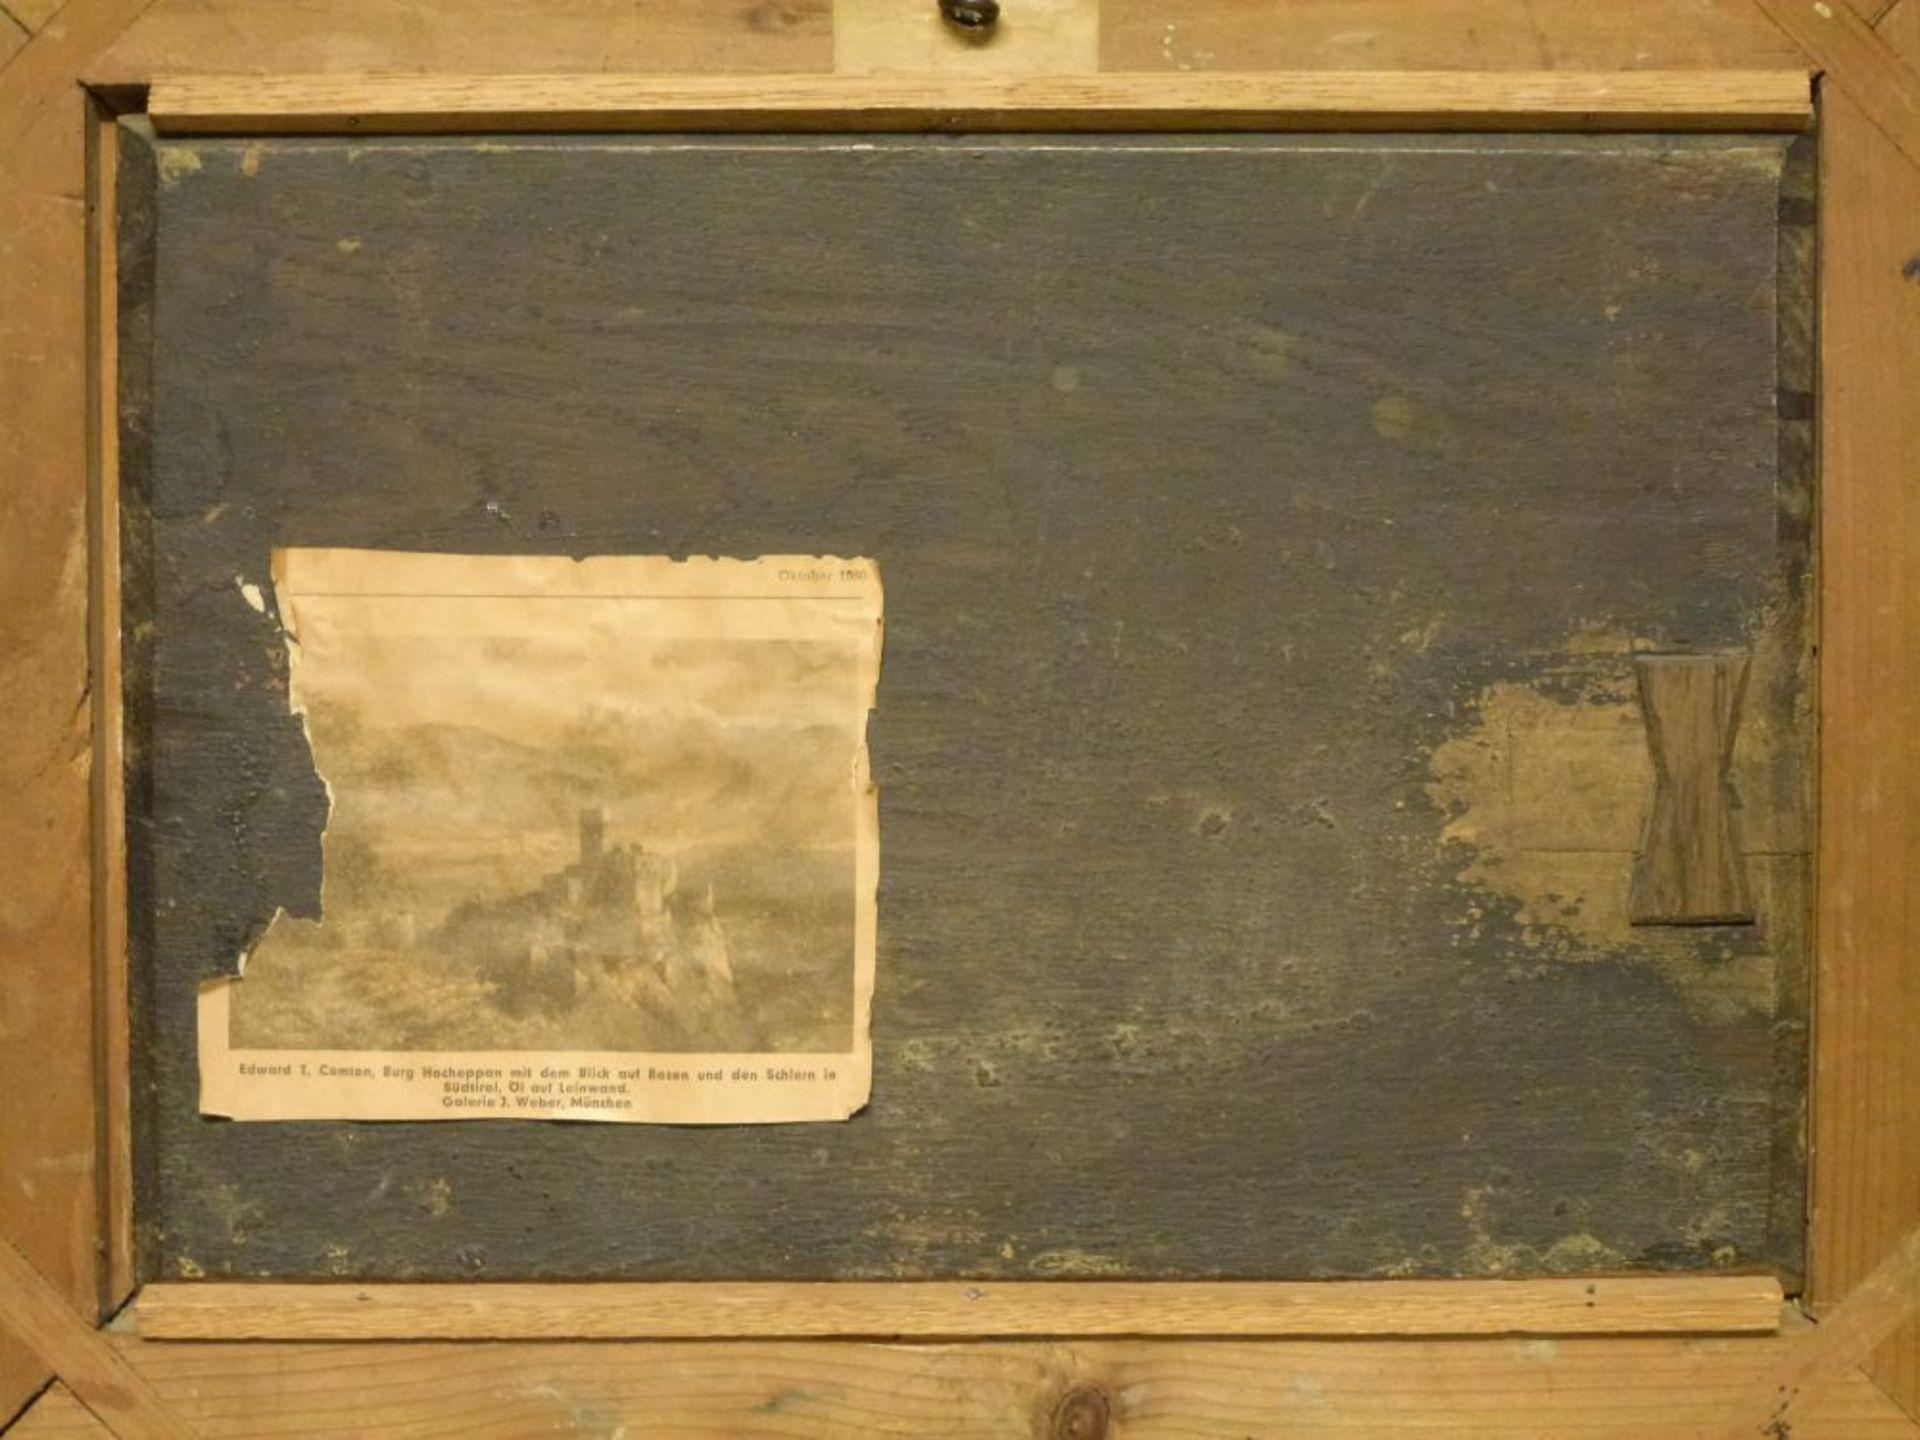 Auf der WeideGustav Jakob Canton, 1813-1885Öl/Eichenplatte, sign. G.Canton pinxit 1833, Kühe, Schafe - Bild 7 aus 7